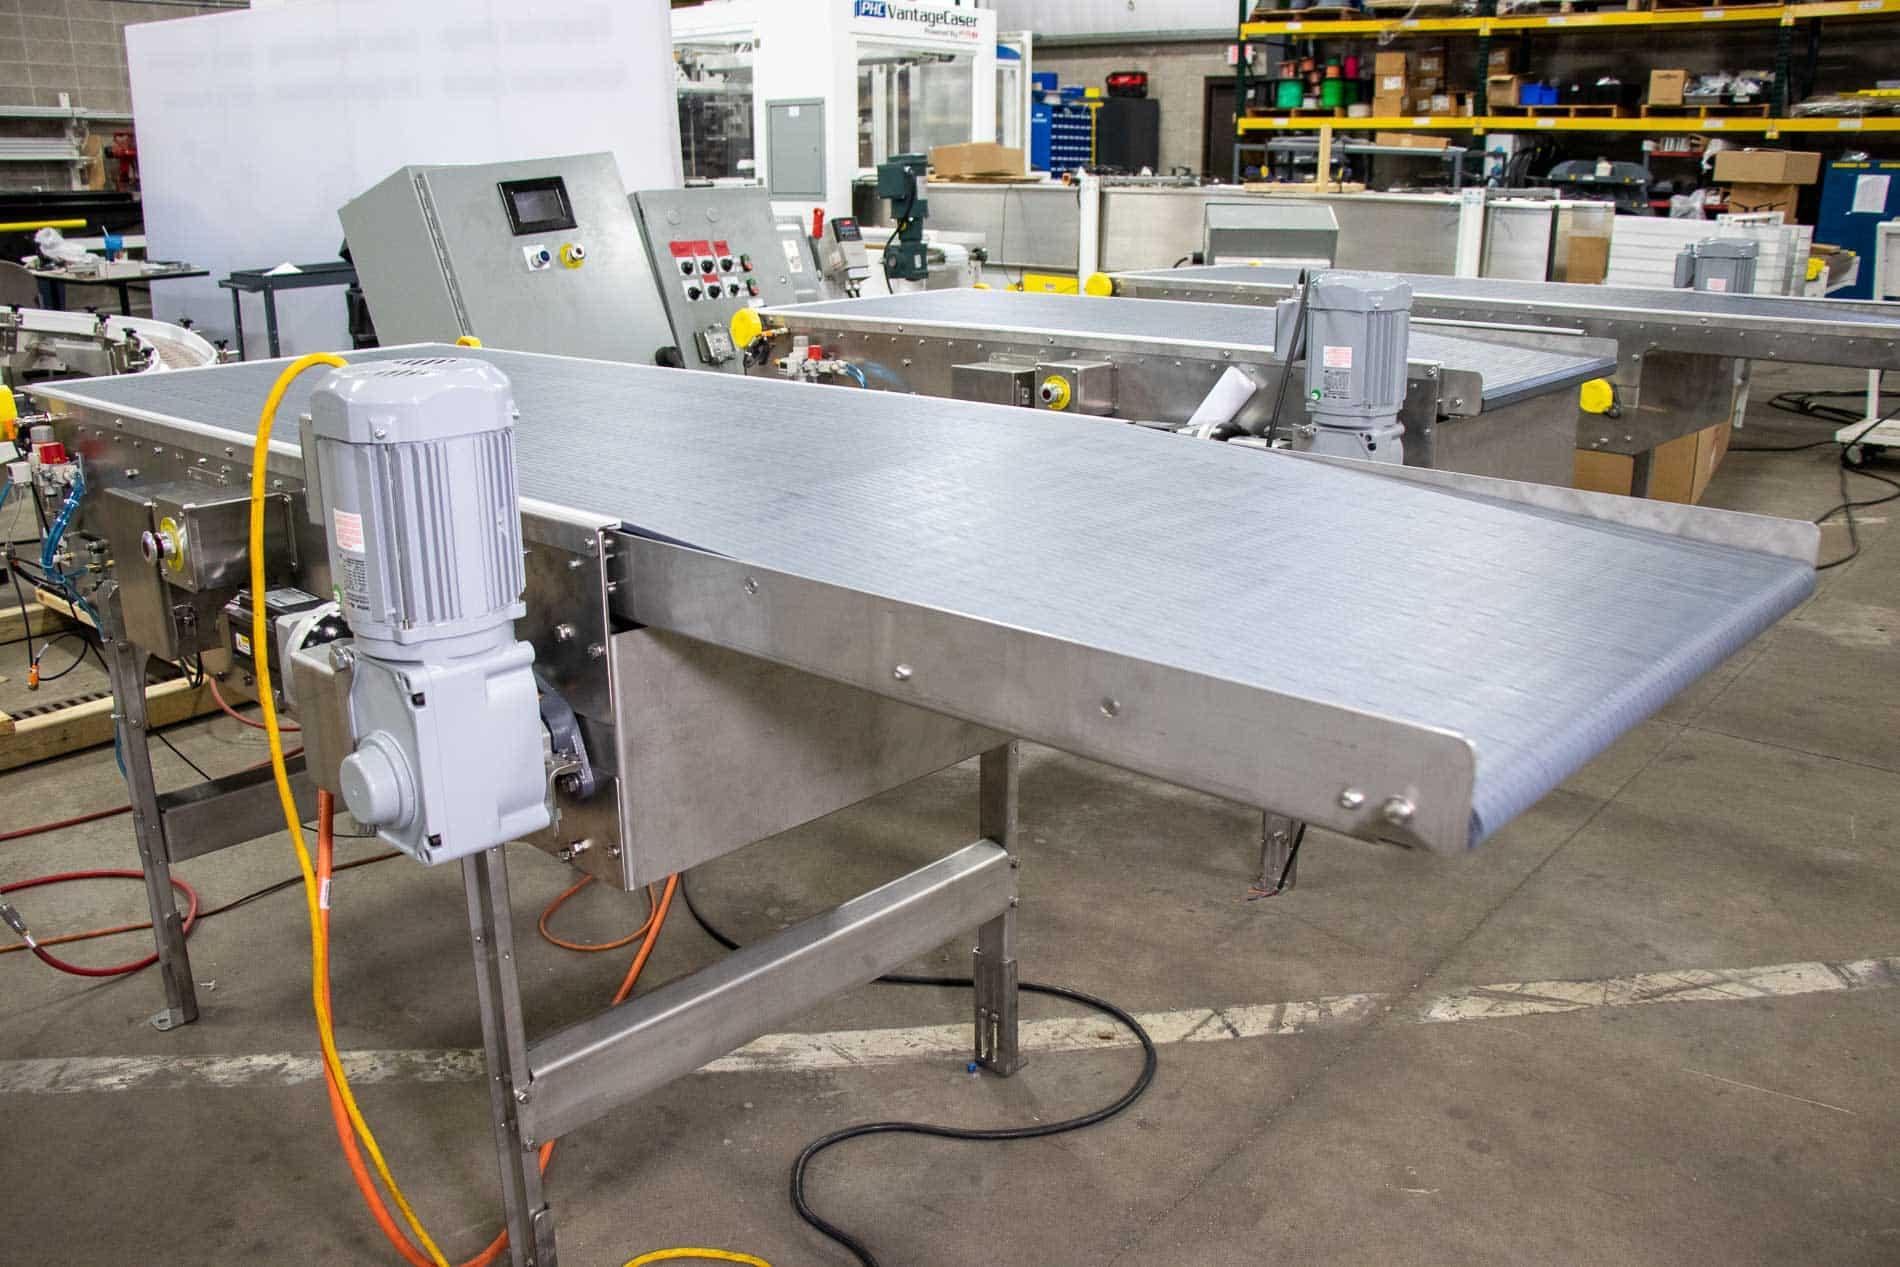 Retractable conveyor creates efficiencies on the plant floor